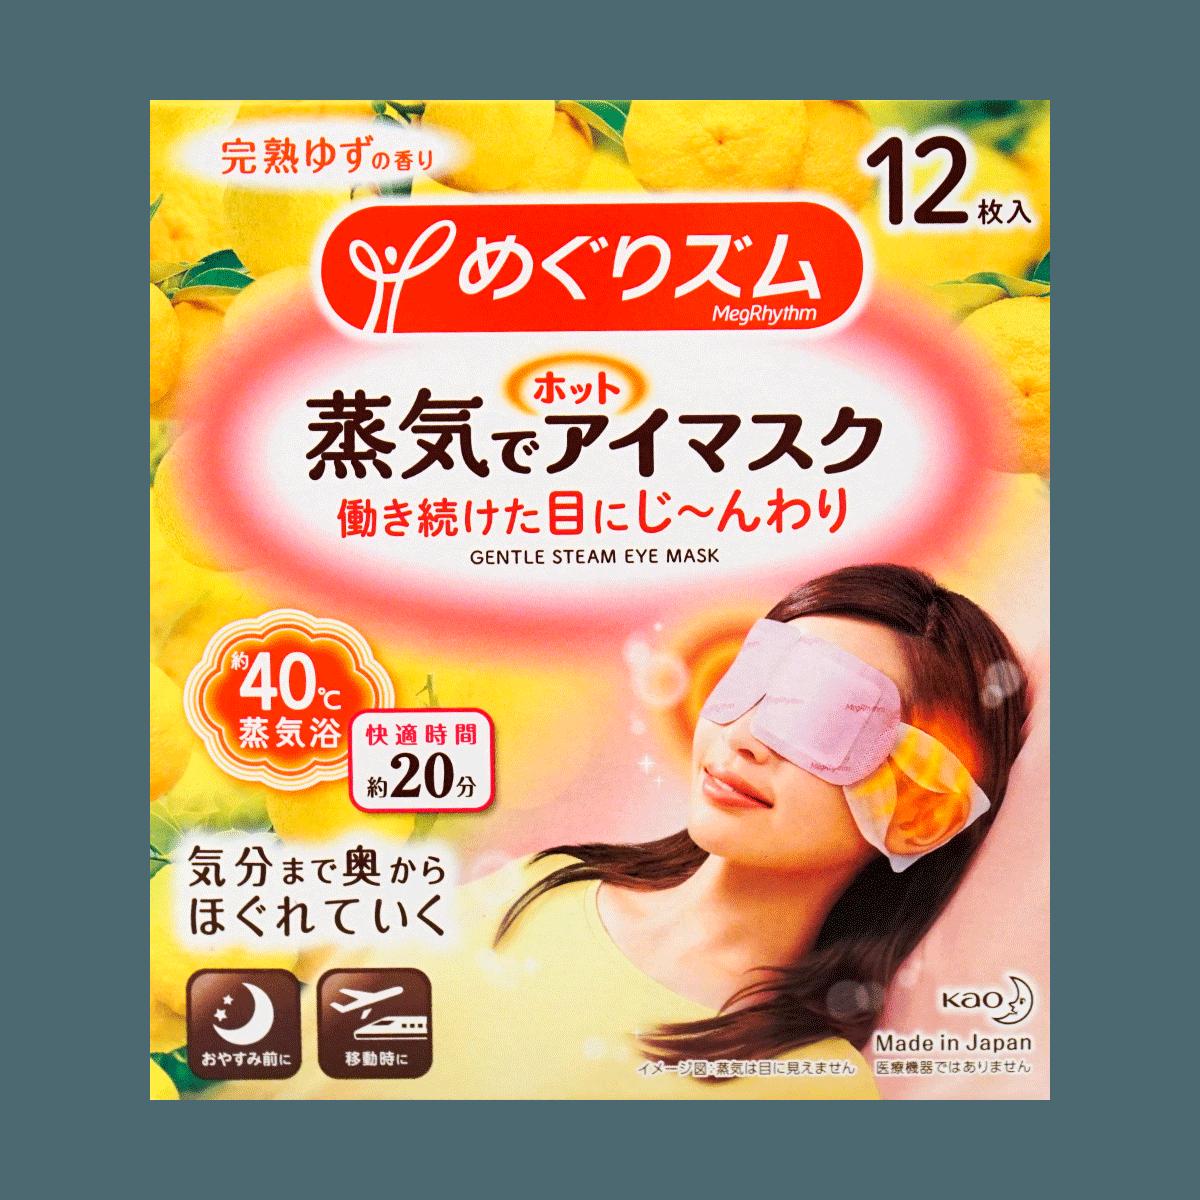 日本KAO花王 新版蒸汽眼罩 缓解疲劳去黑眼圈 #柚子香型 12枚入 包装随机发送 怎么样 - 亚米网